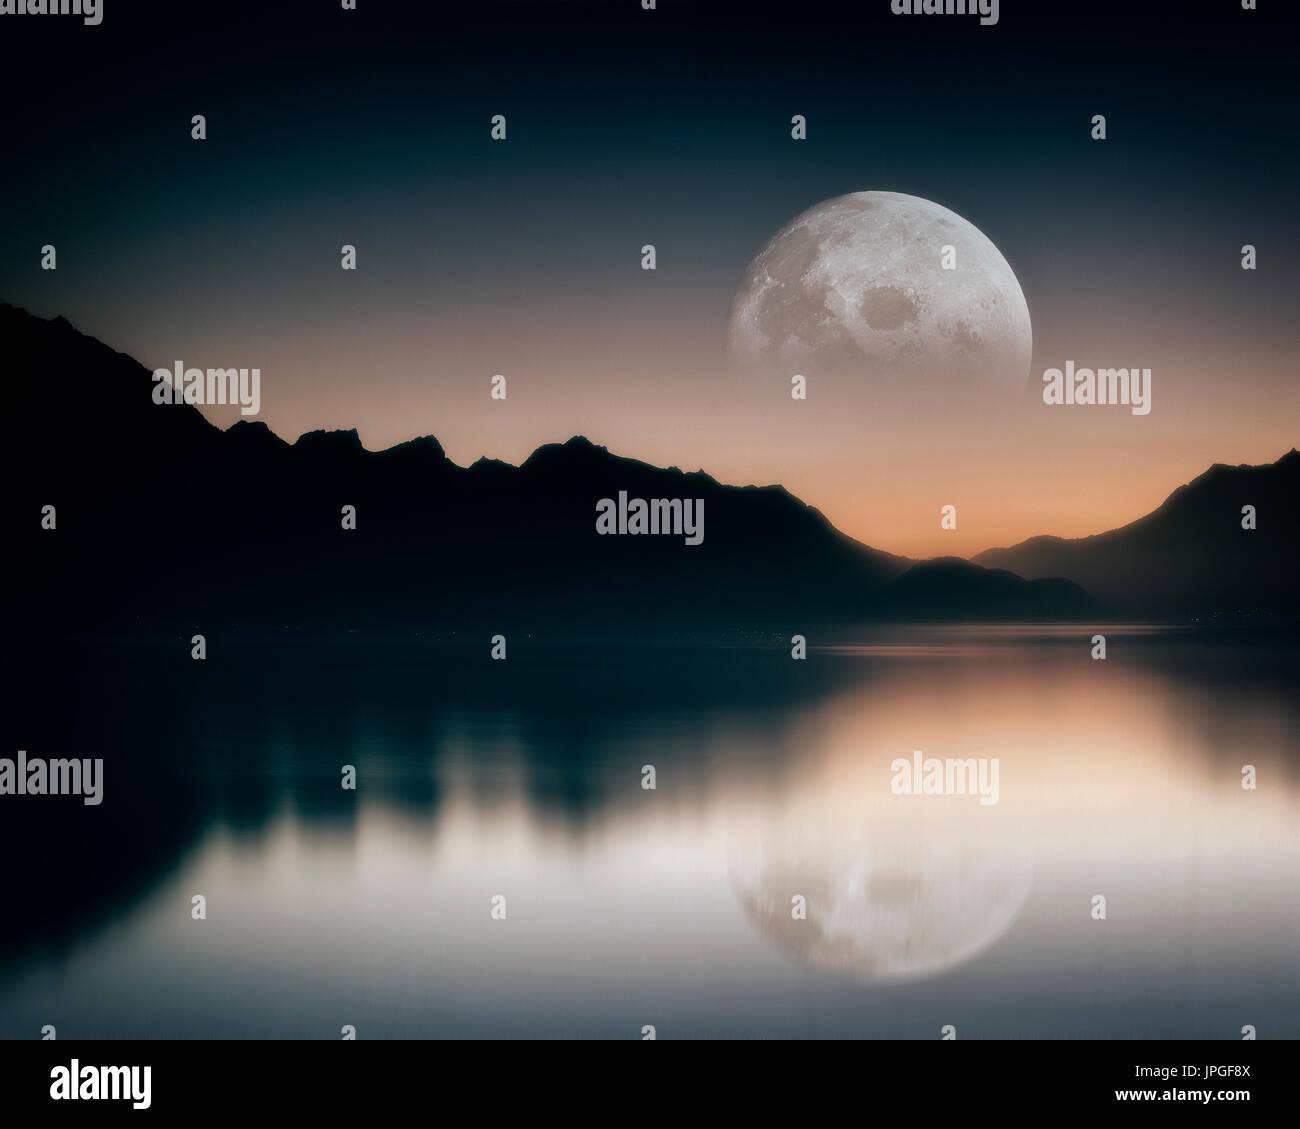 PHOTO ART: Moon over Lake Geneva, Vaud, Switzerland - Stock Image